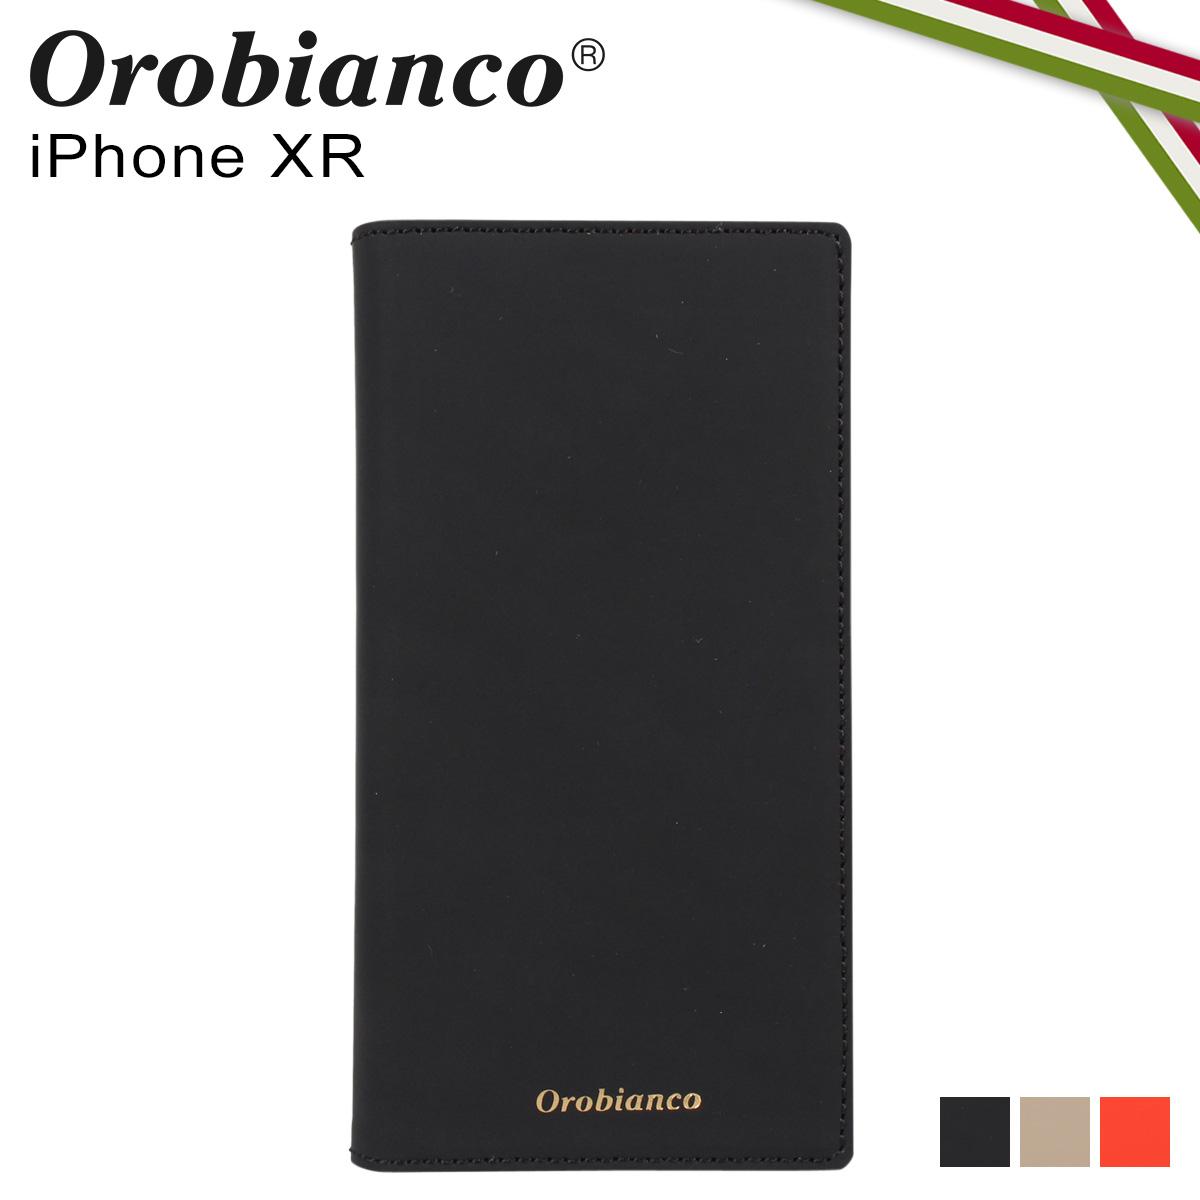 【最大600円クーポン】 オロビアンコ Orobianco iPhoneXR ケース スマホ 携帯 手帳型 アイフォン メンズ レディース GOMMA BOOK TYPE SMARTPHONE CASE ブラック グレージュ オレンジ 黒 ORIP-0007XR